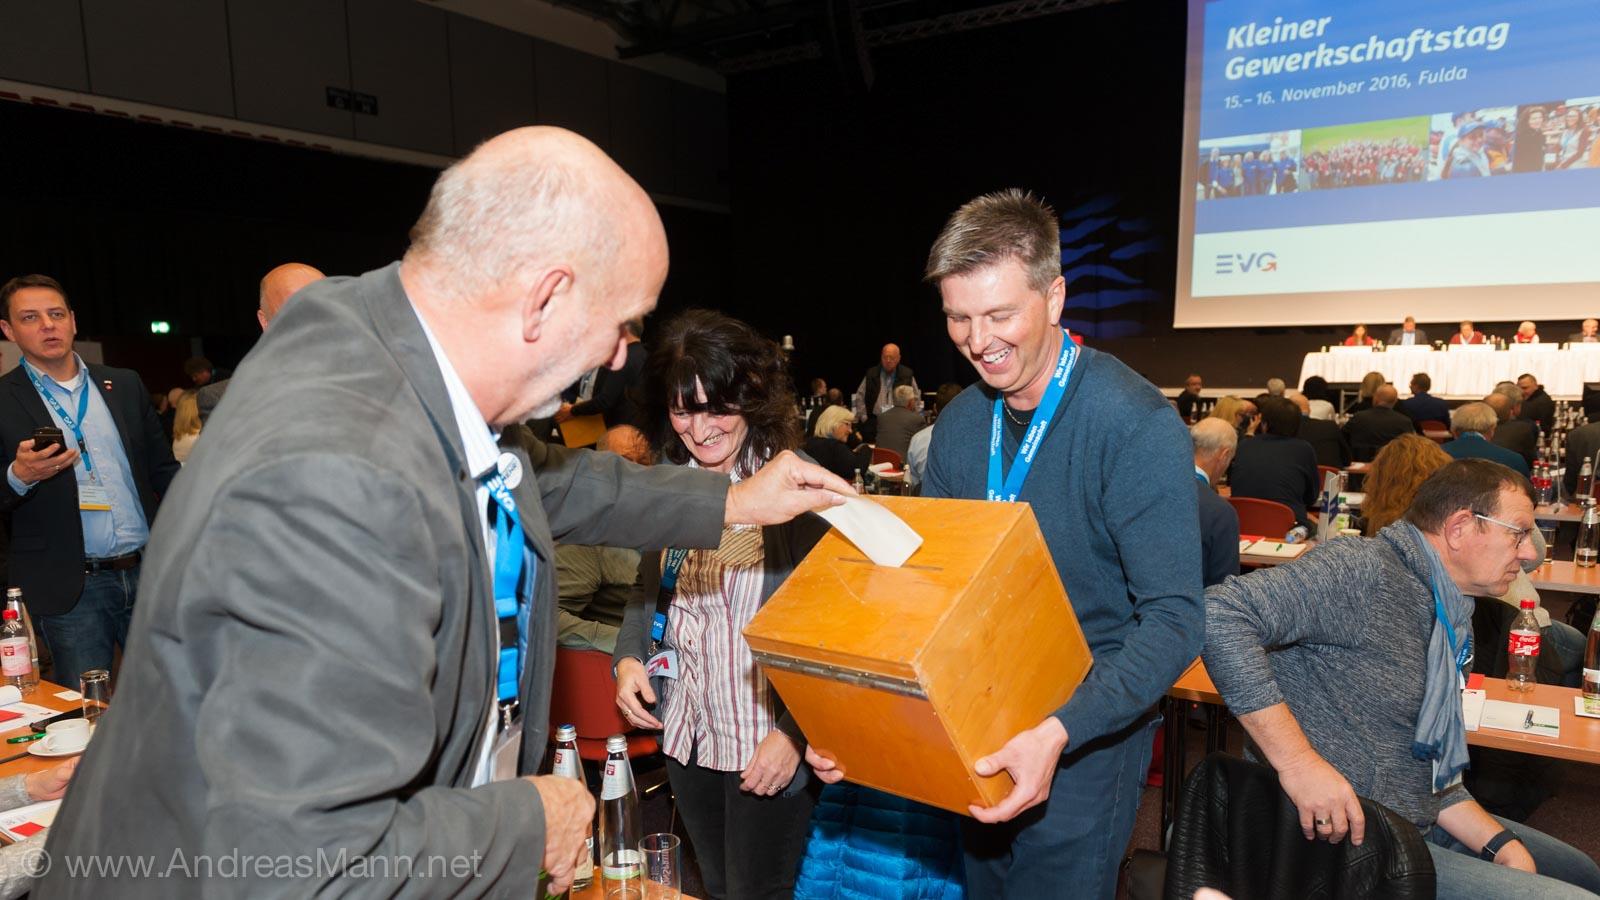 Die Wahl des Bundesgeschäftsführers der EVG - Foto von Andreas Mann Fotografie - Businessfotograf in Frankfurt am Main